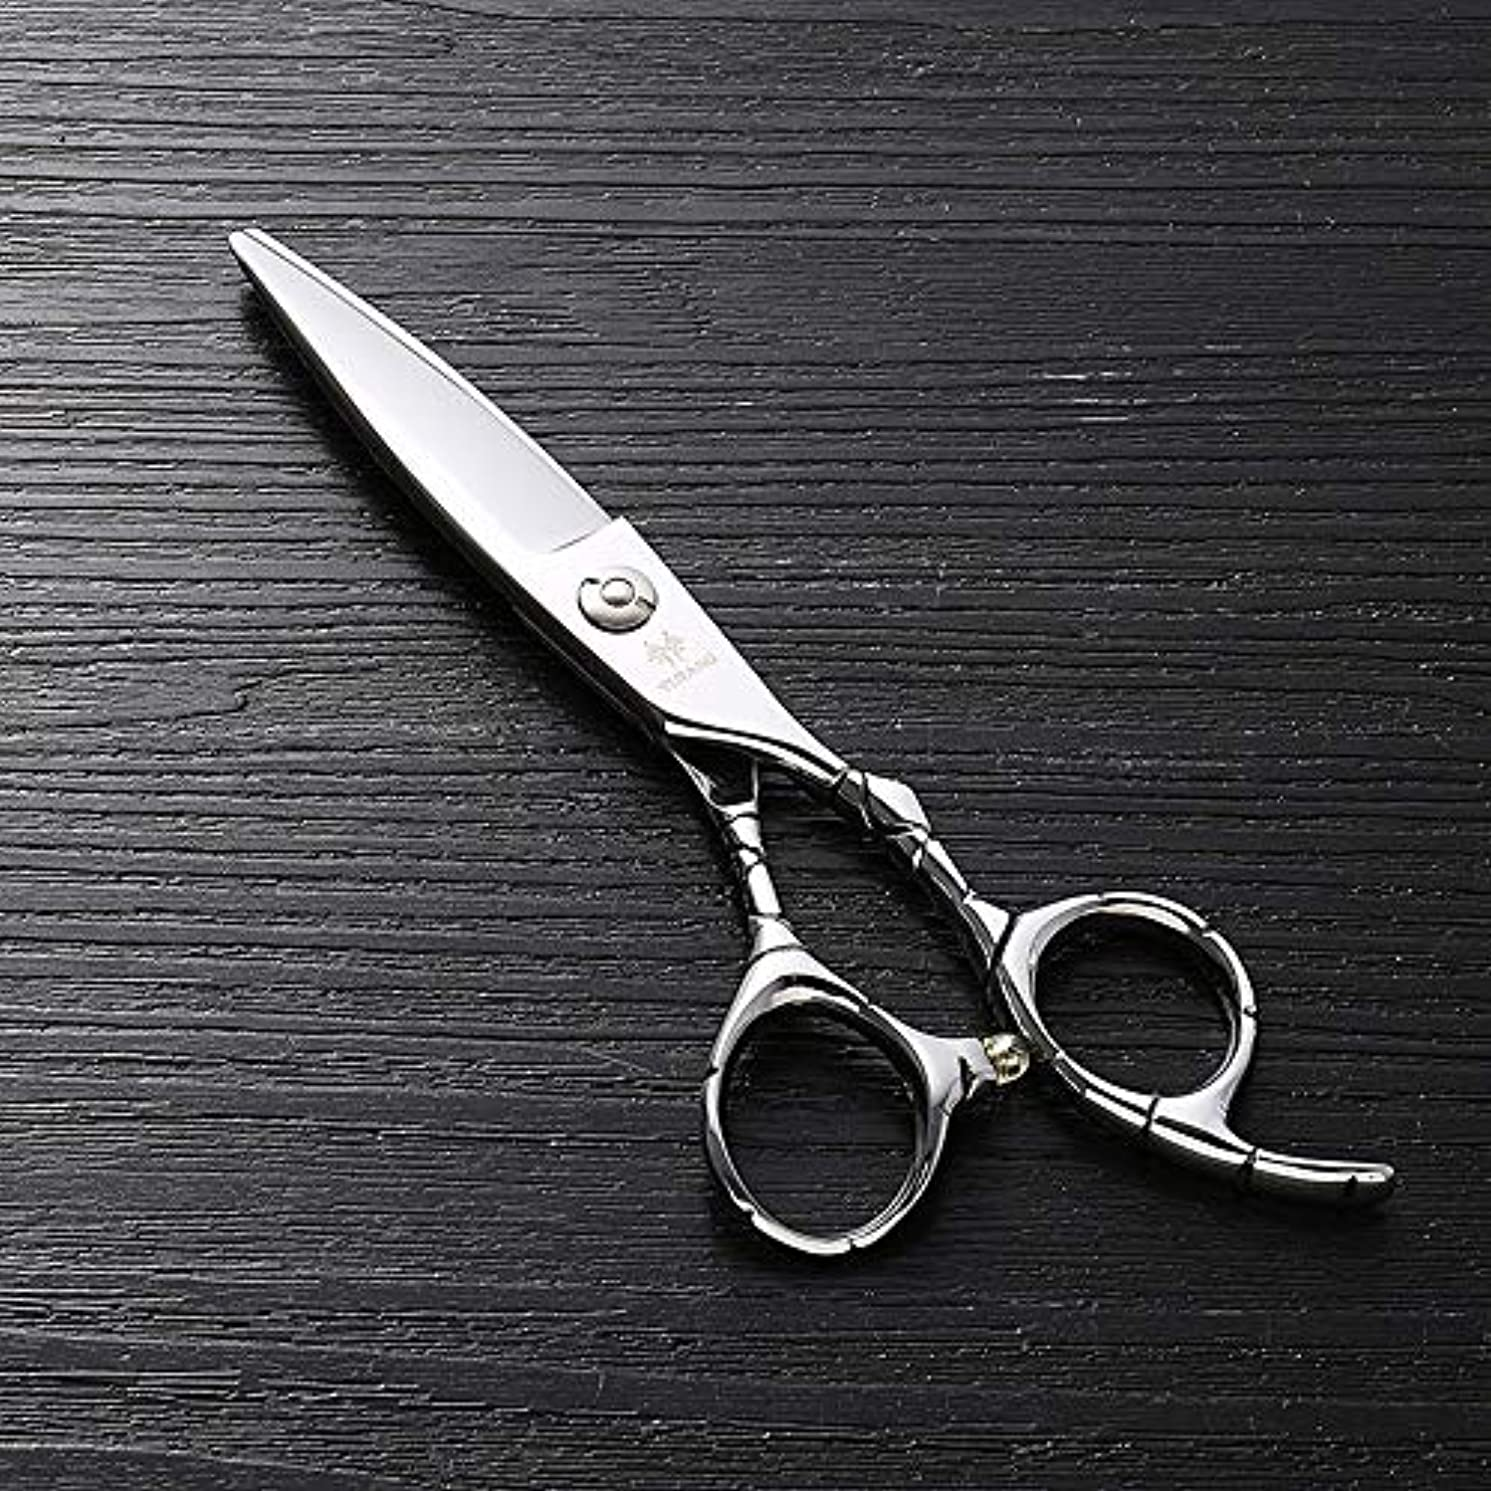 獲物スリチンモイ私たち6インチのステンレス鋼のランセットの脂肪質の平らなせん断、美容院の専門の上限の理髪はさみ ヘアケア (色 : Silver)